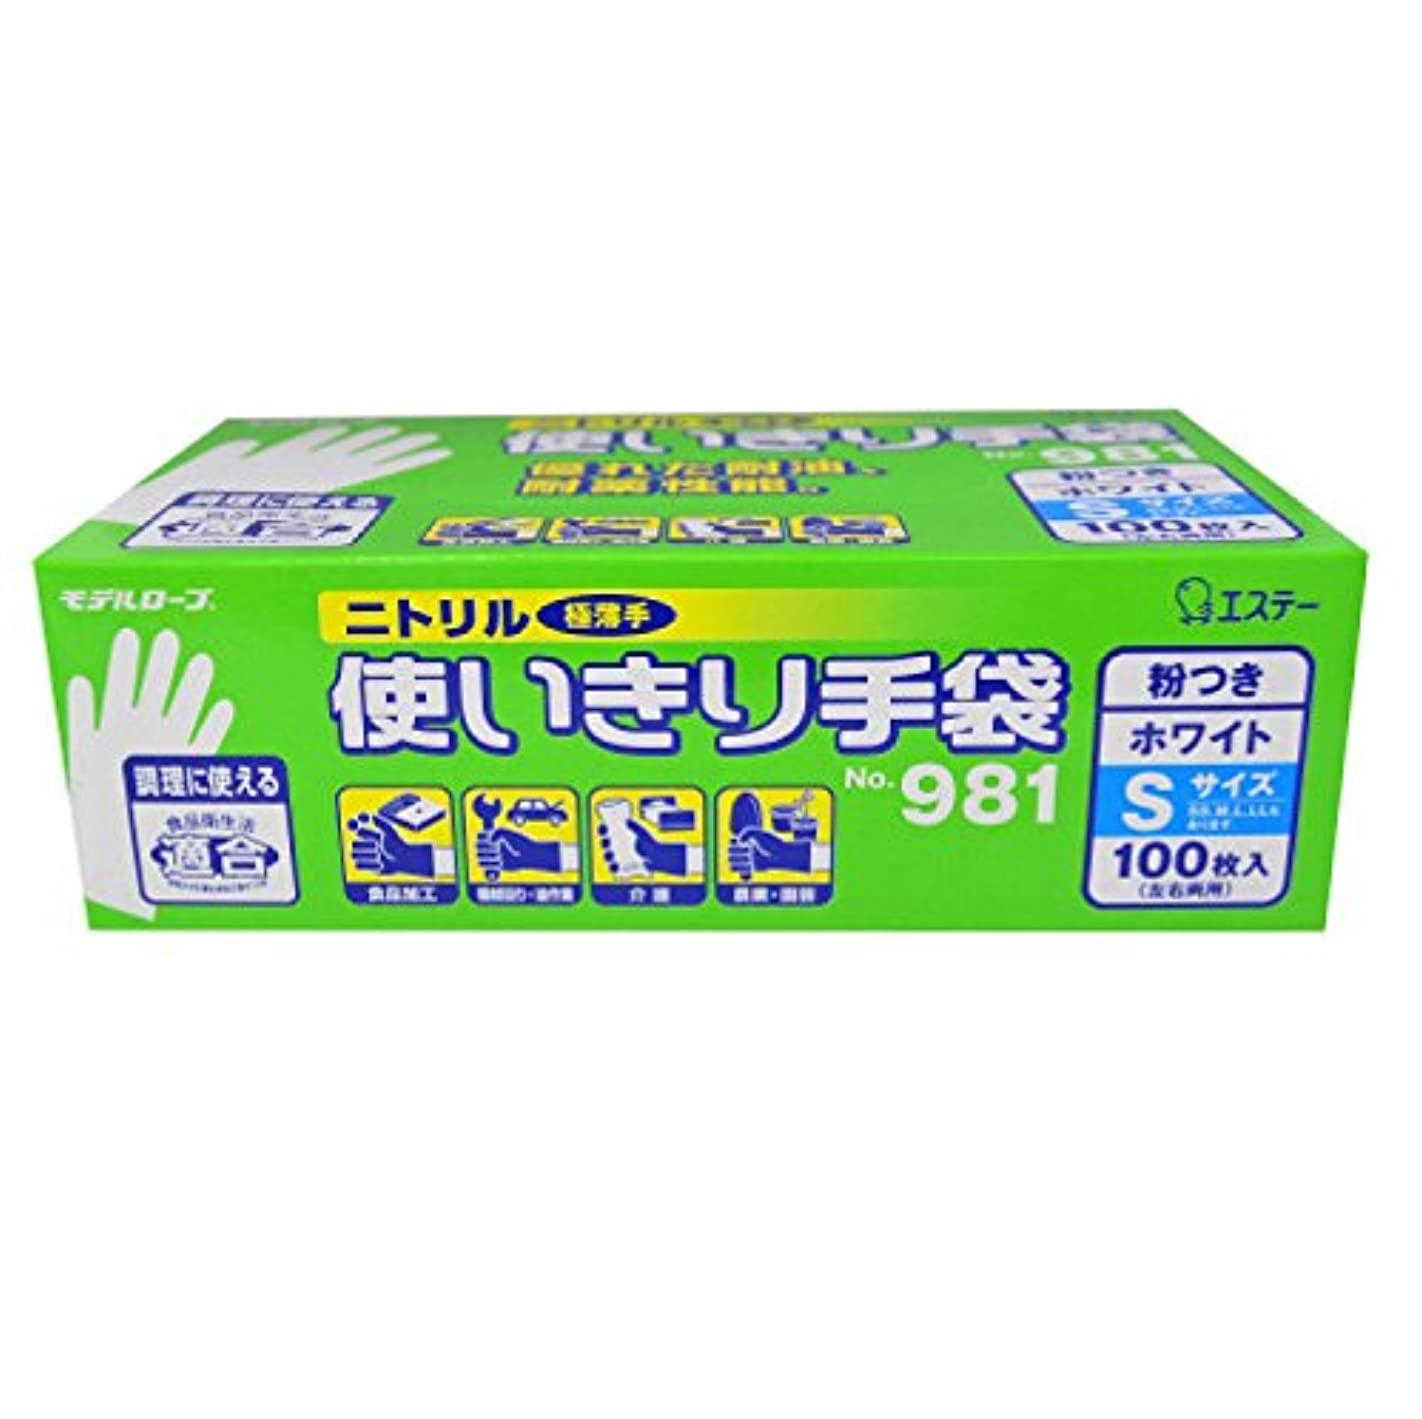 遅いデザイナー時間エステー 二トリル手袋 粉付(100枚入)S ブルー No.981